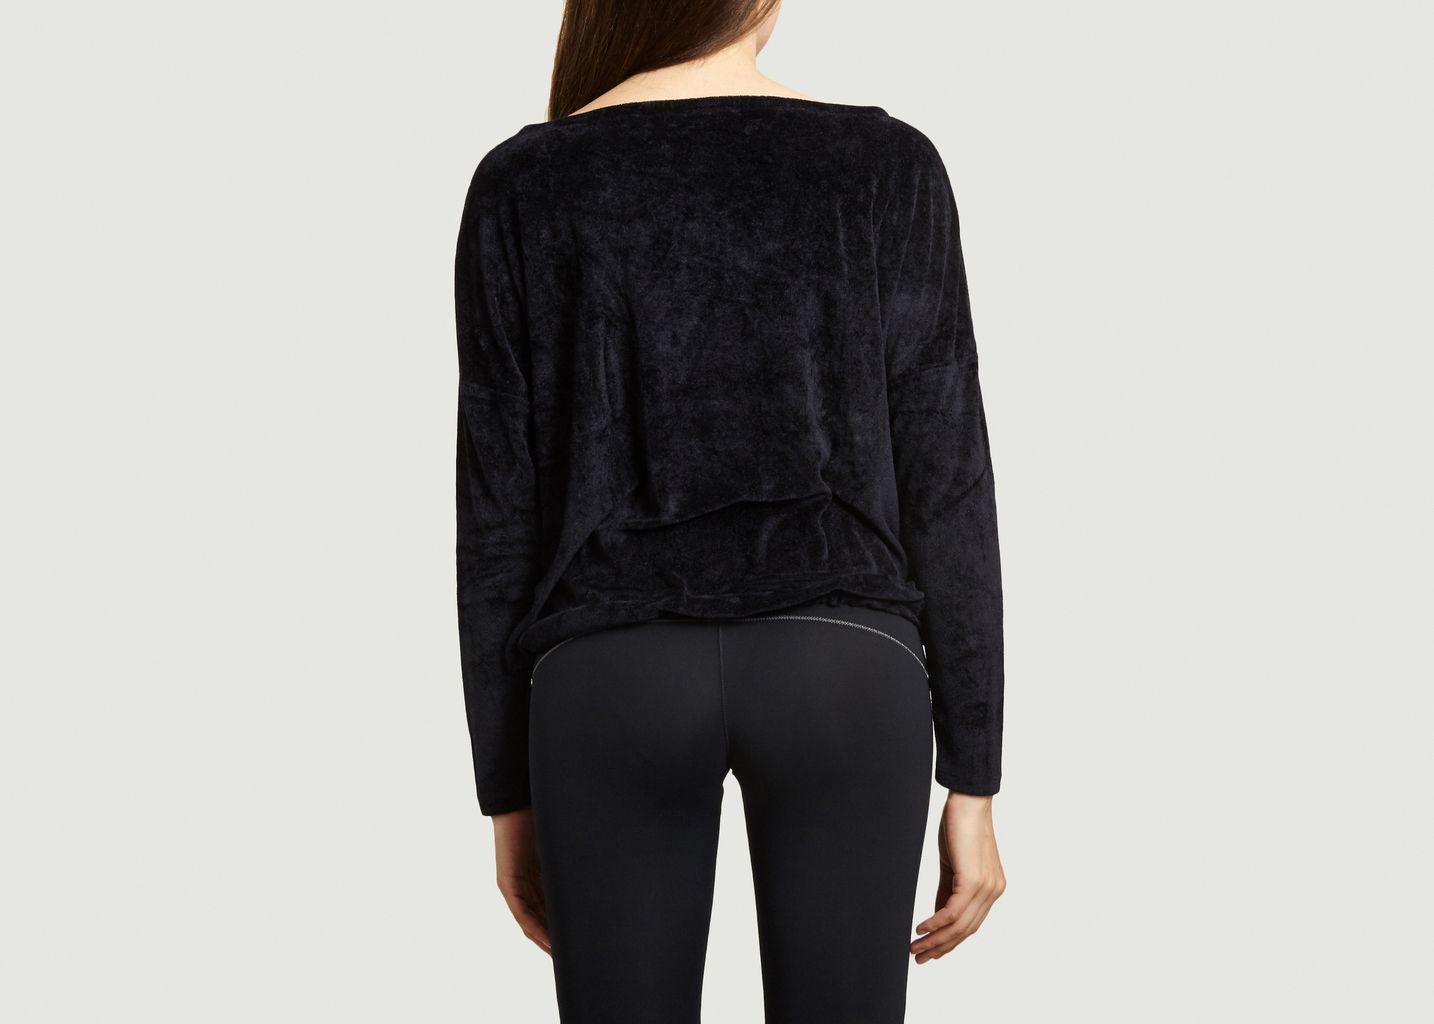 Sweat Nicole en tissu éponge - YUJ Paris